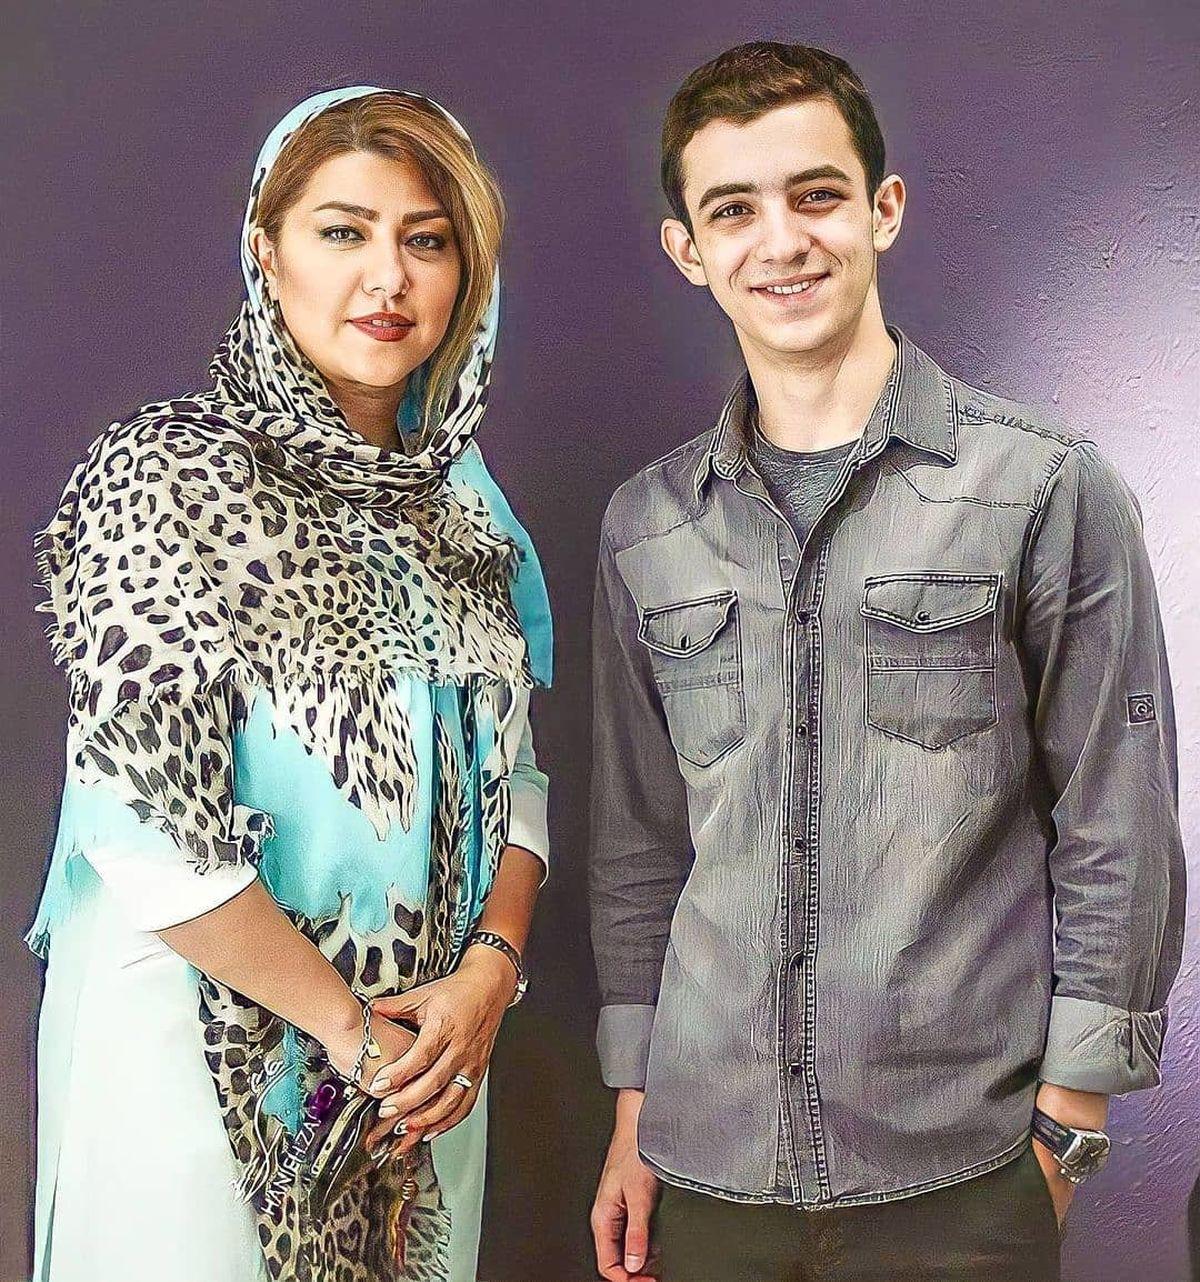 لباس ناجور و زننده همسر شهاب حسینی +عکس